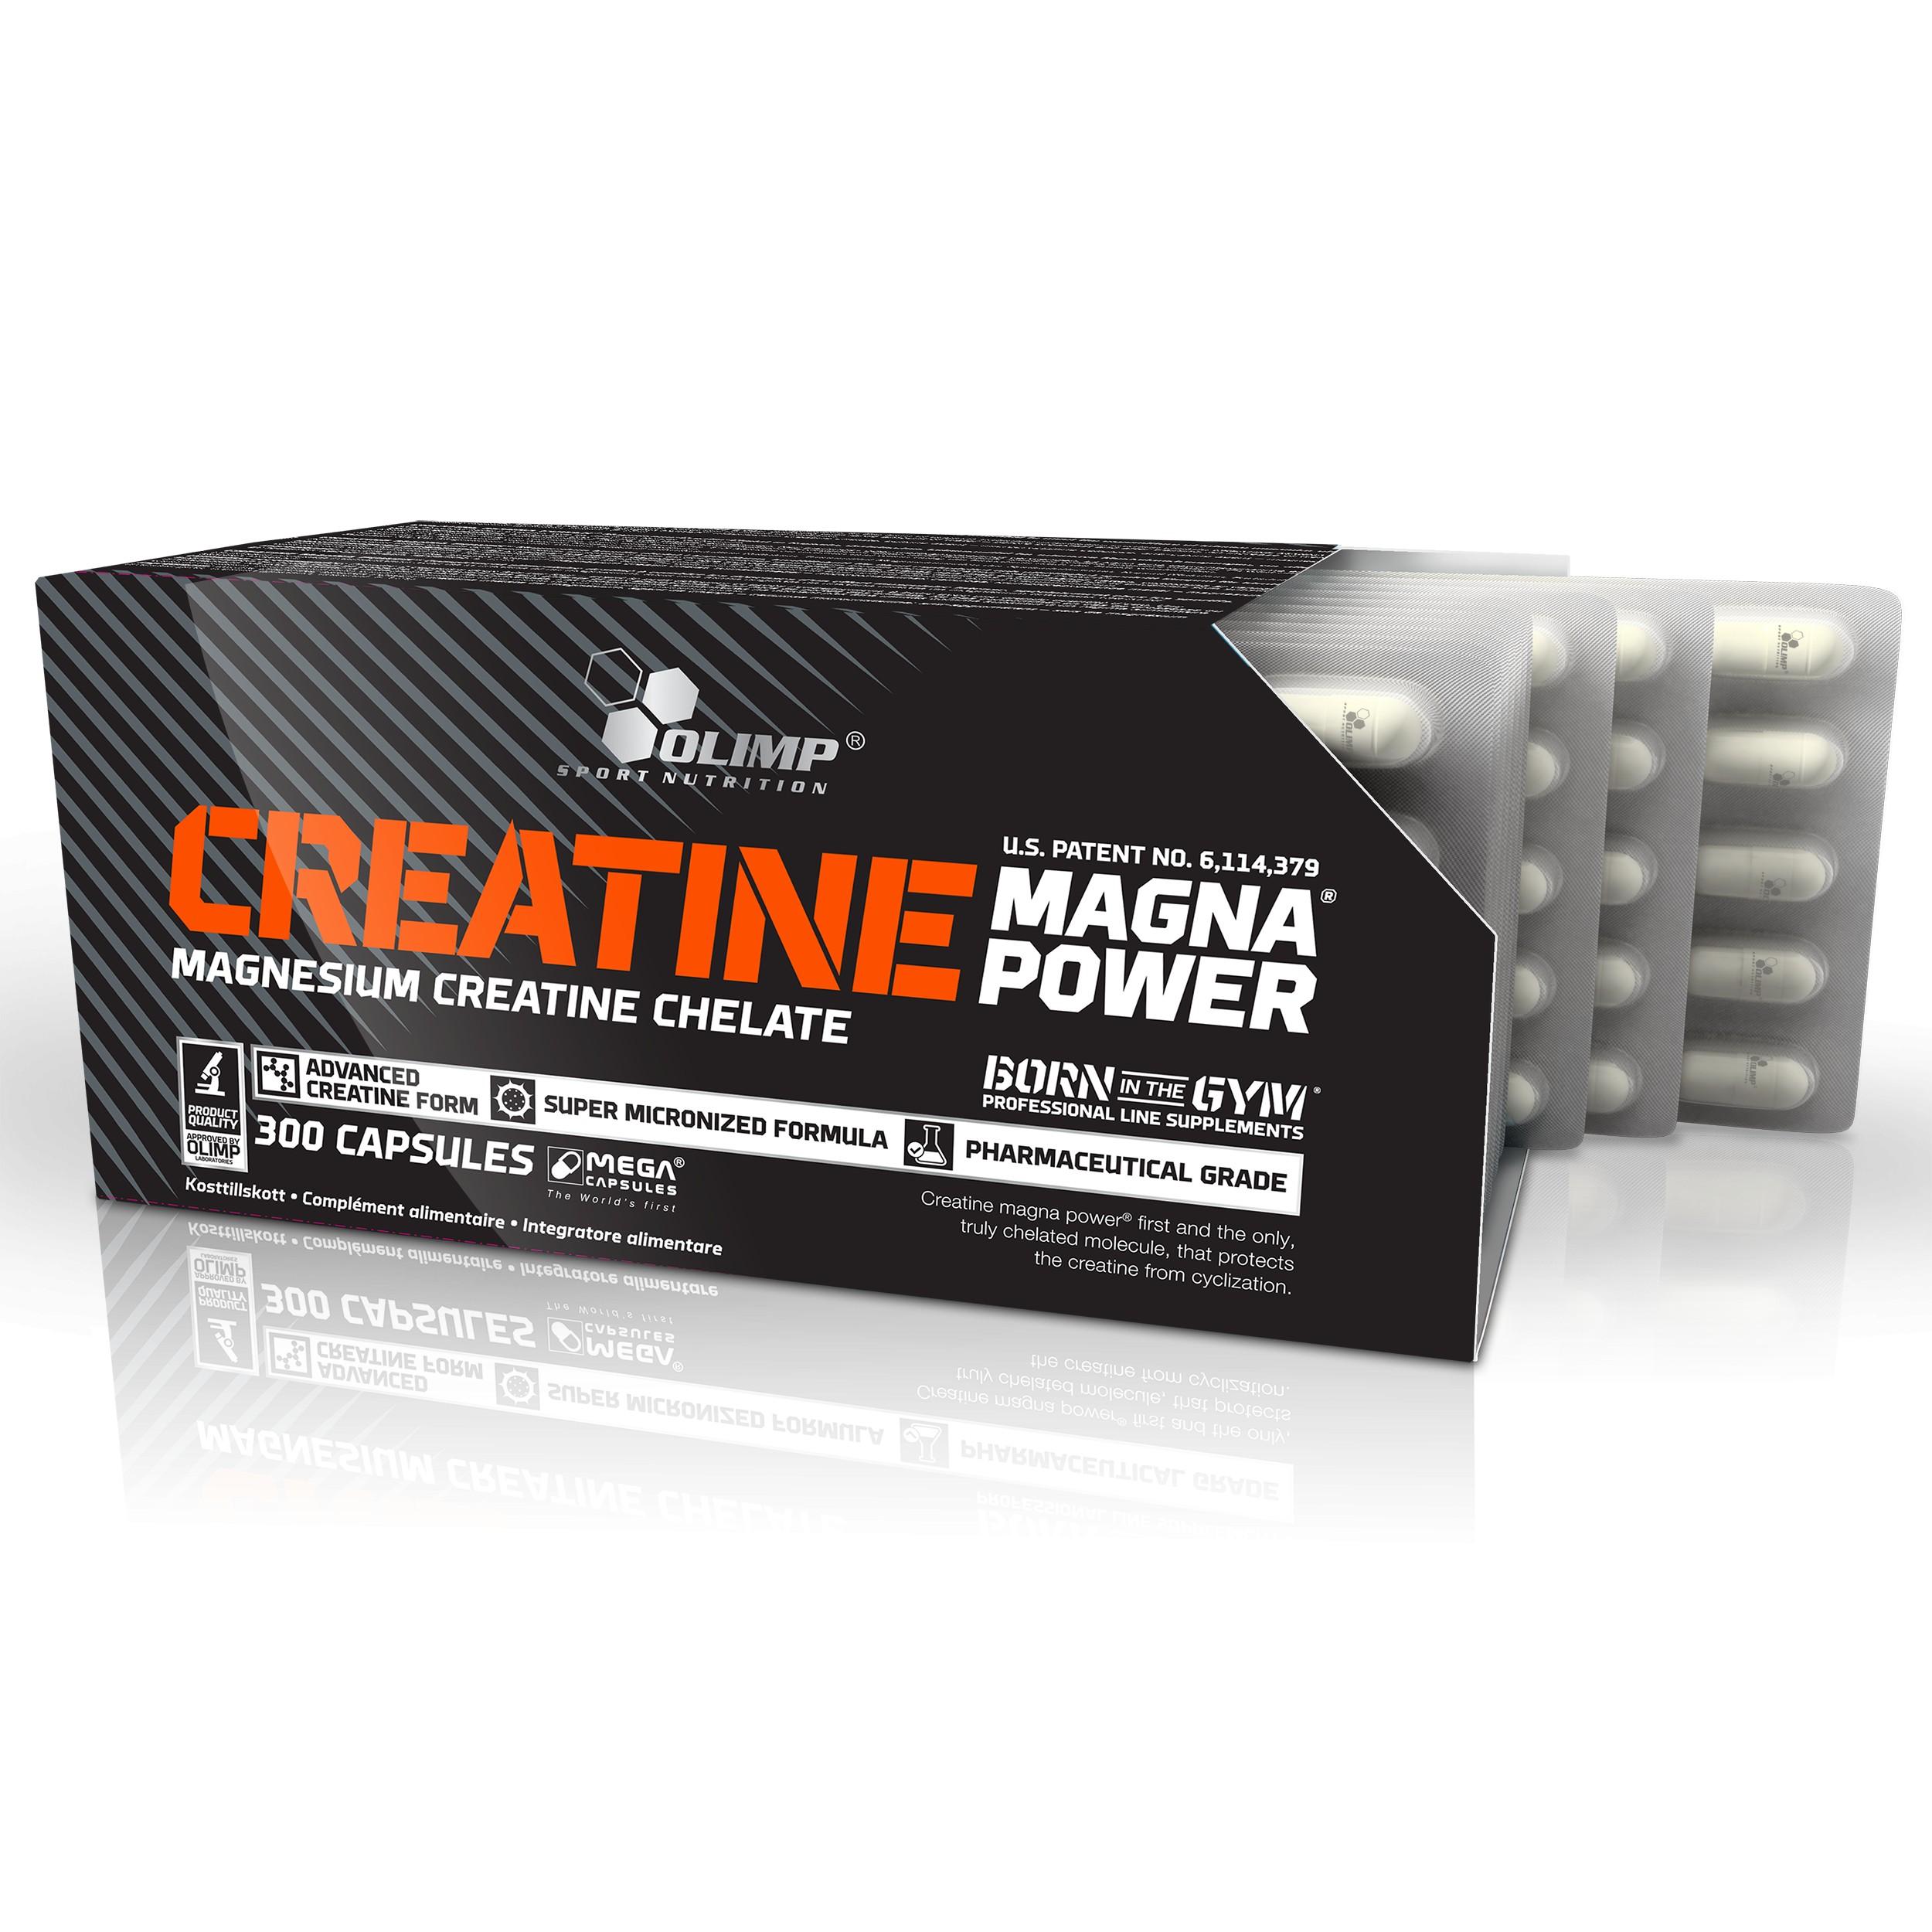 Creatine Magna POWER 120 MEGA Caps